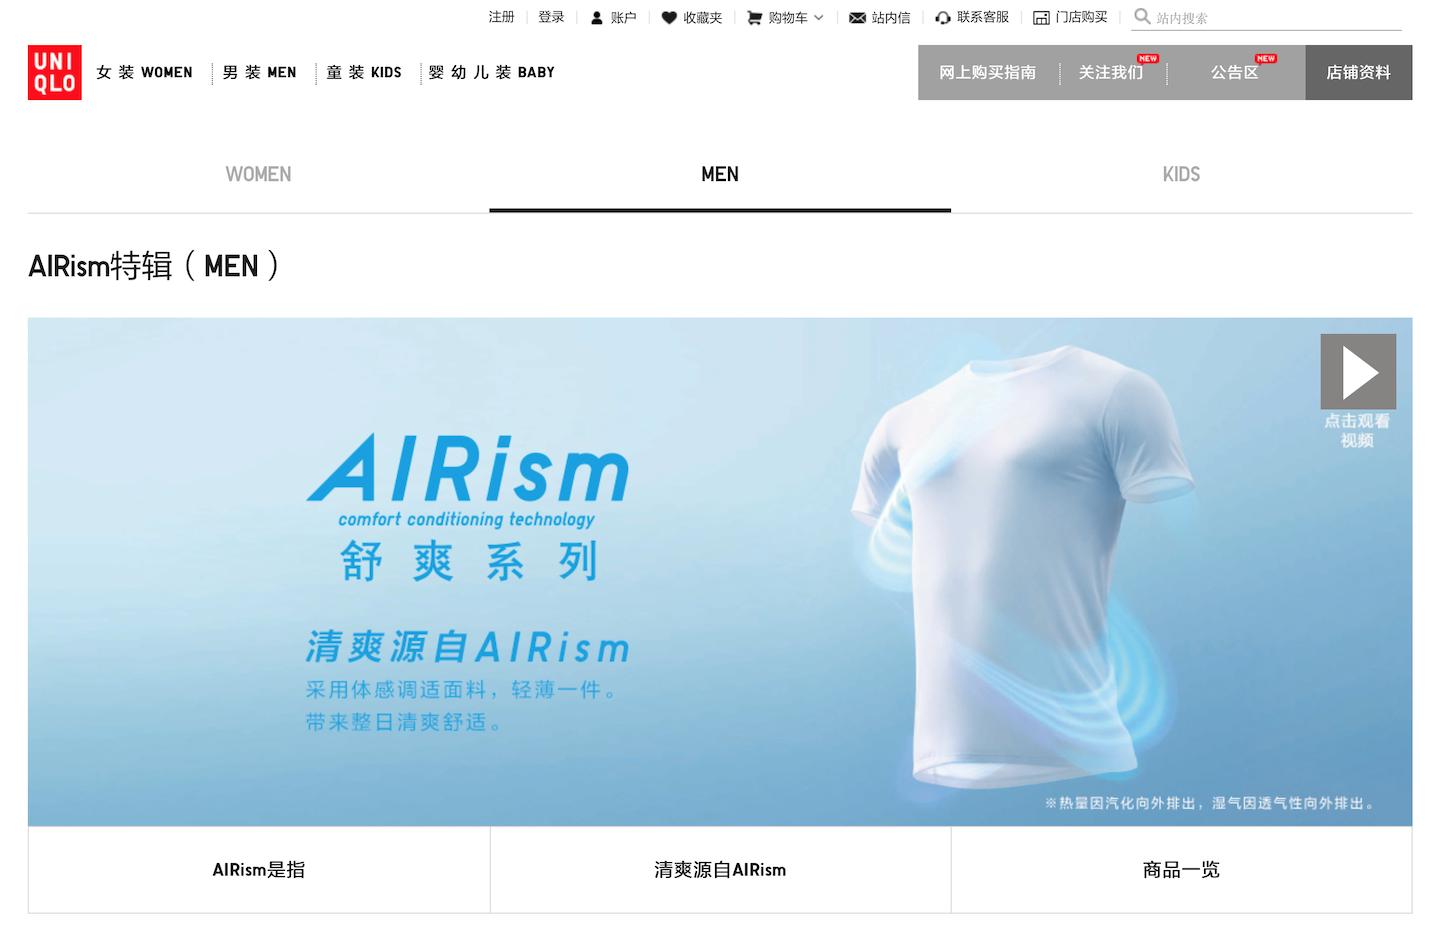 优衣库正式涉足口罩生产,将使用透气排汗的内衣面料 AIRism